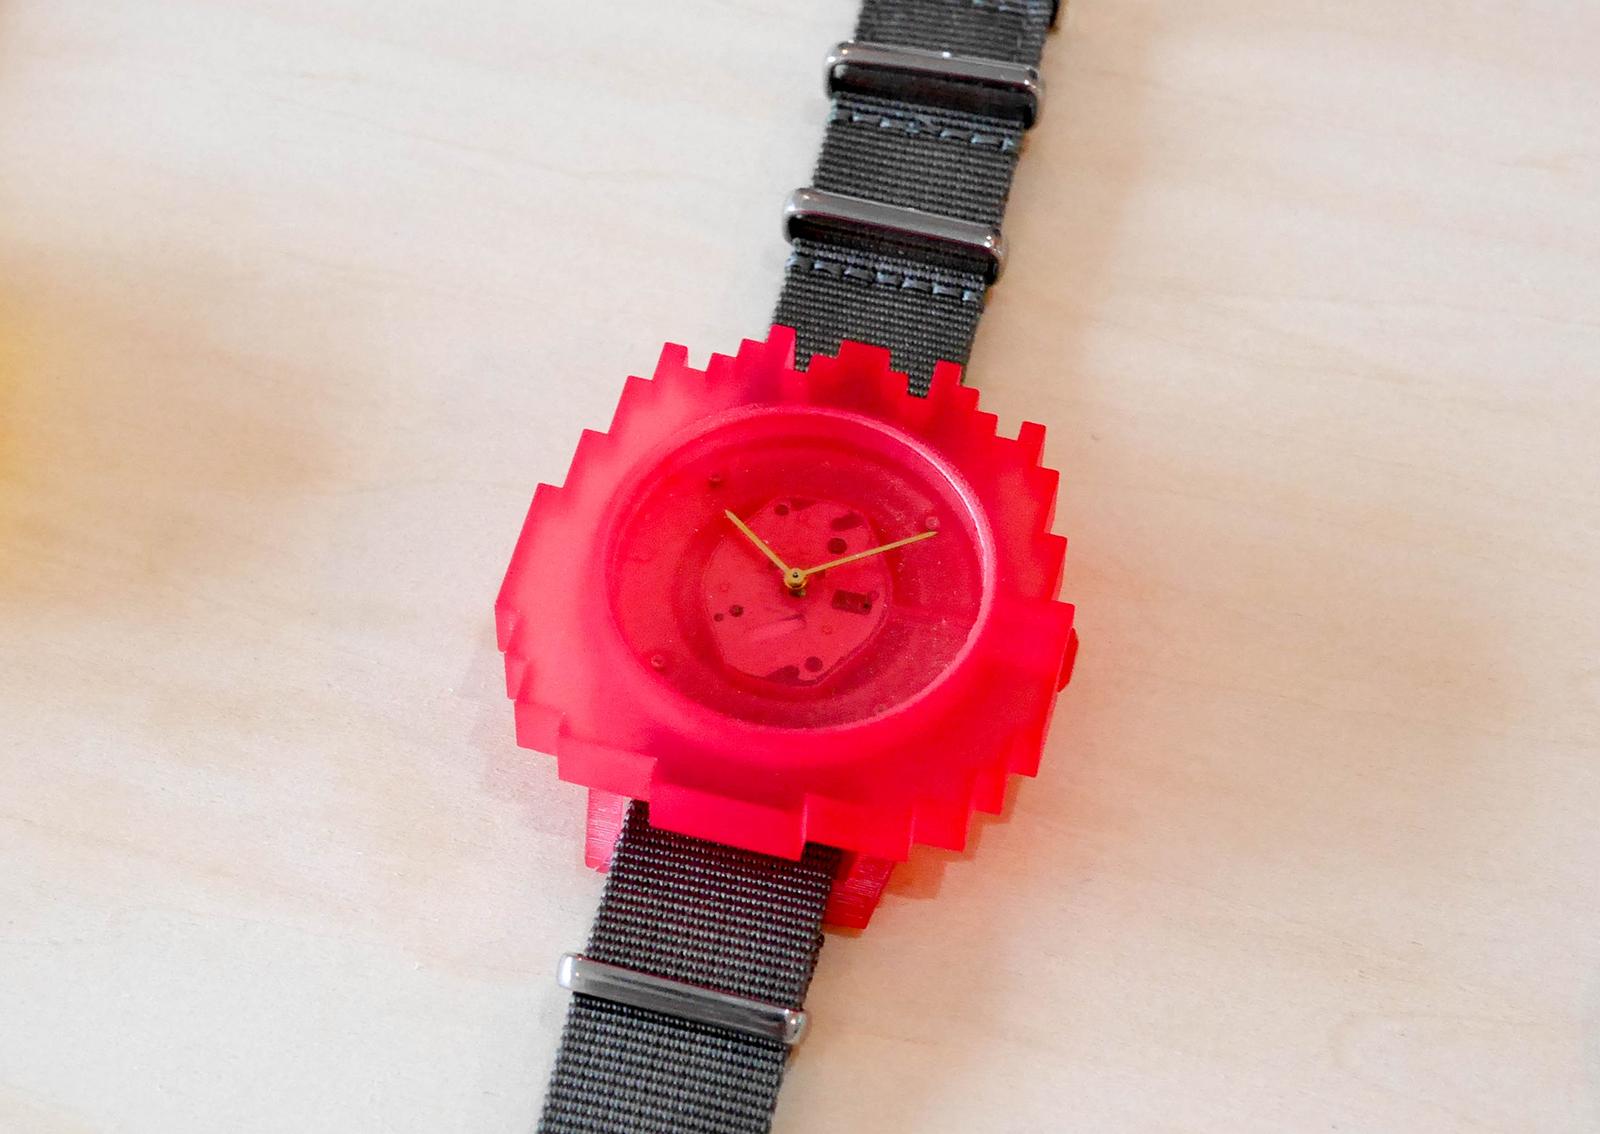 Starter Watchのデザイン例。ケースの色はクリア、黒、青、緑、ピンク、黄から、バンドの色は白、グレー、黒、赤、オレンジ、青から選べる